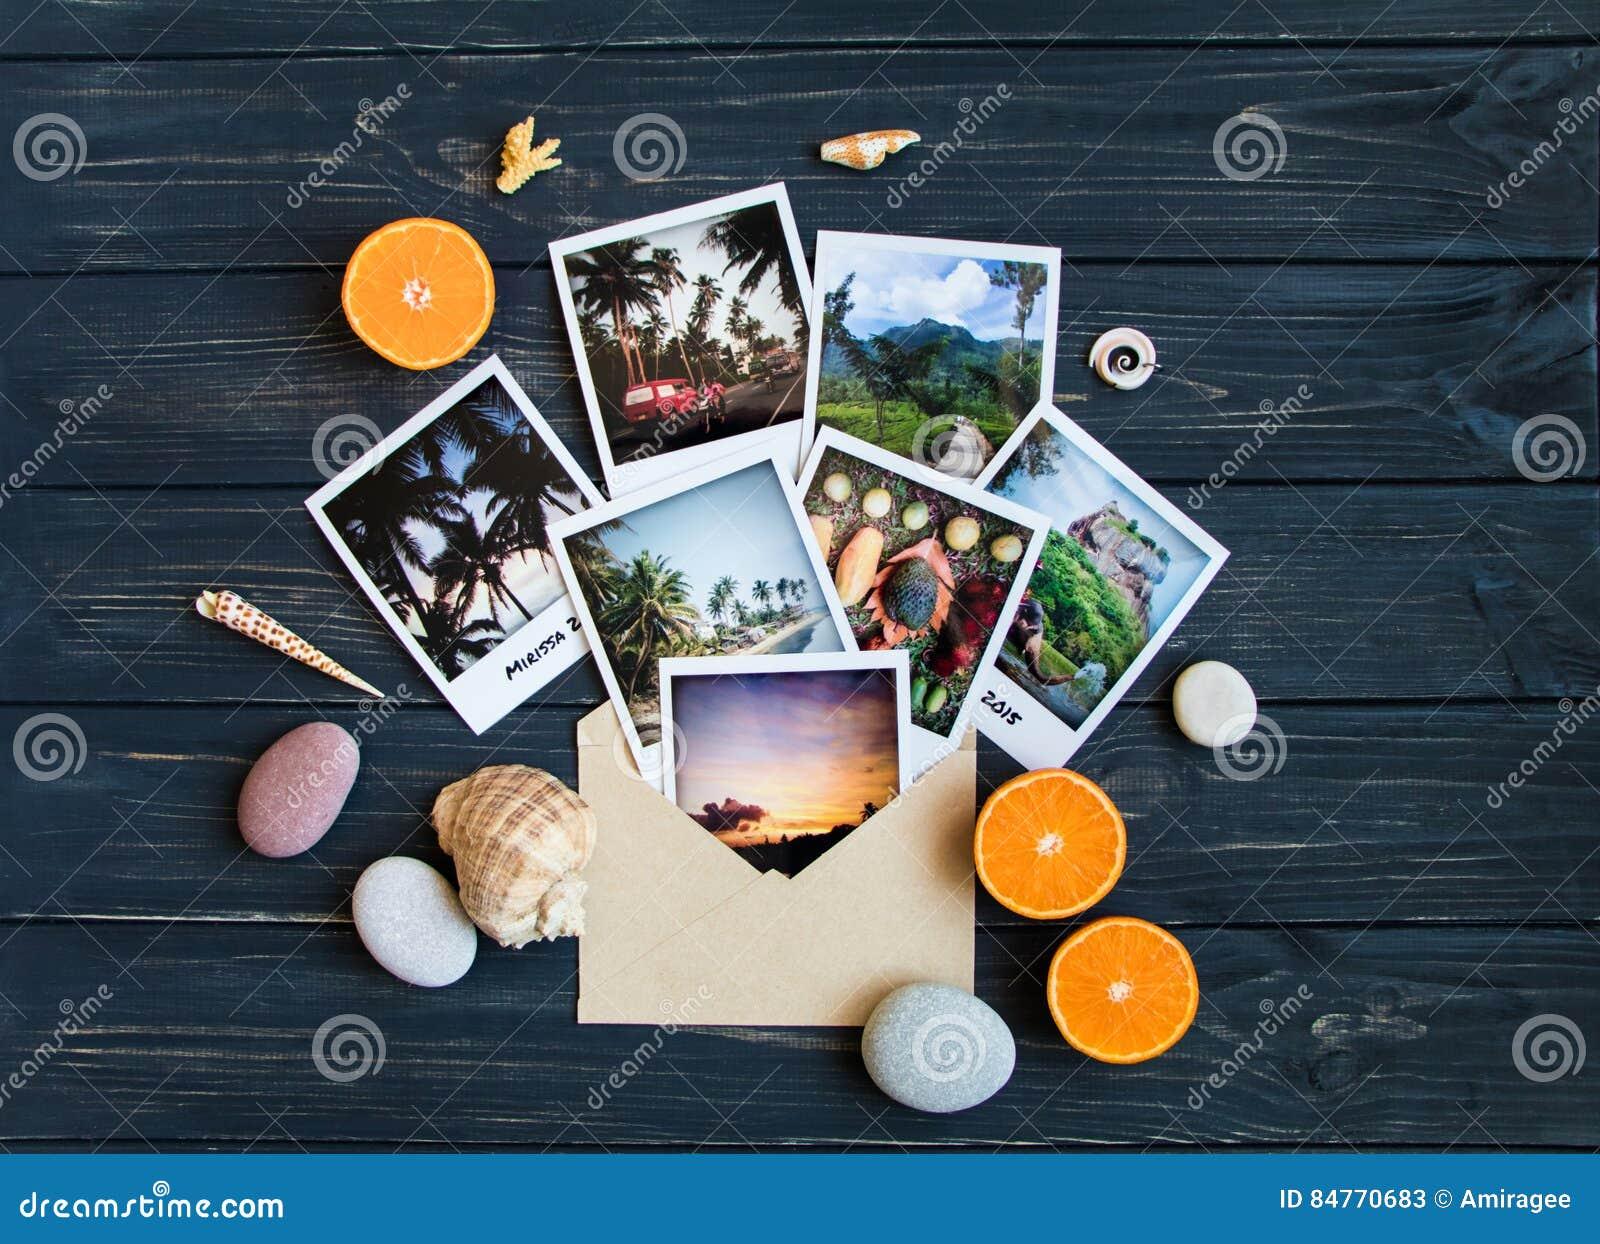 Μνήμες διακοπών: φωτογραφίες, πέτρες, θαλασσινά κοχύλια, φρούτα στη φωτογραφία ταξιδιού Επίπεδος βάλτε, τοπ άποψη